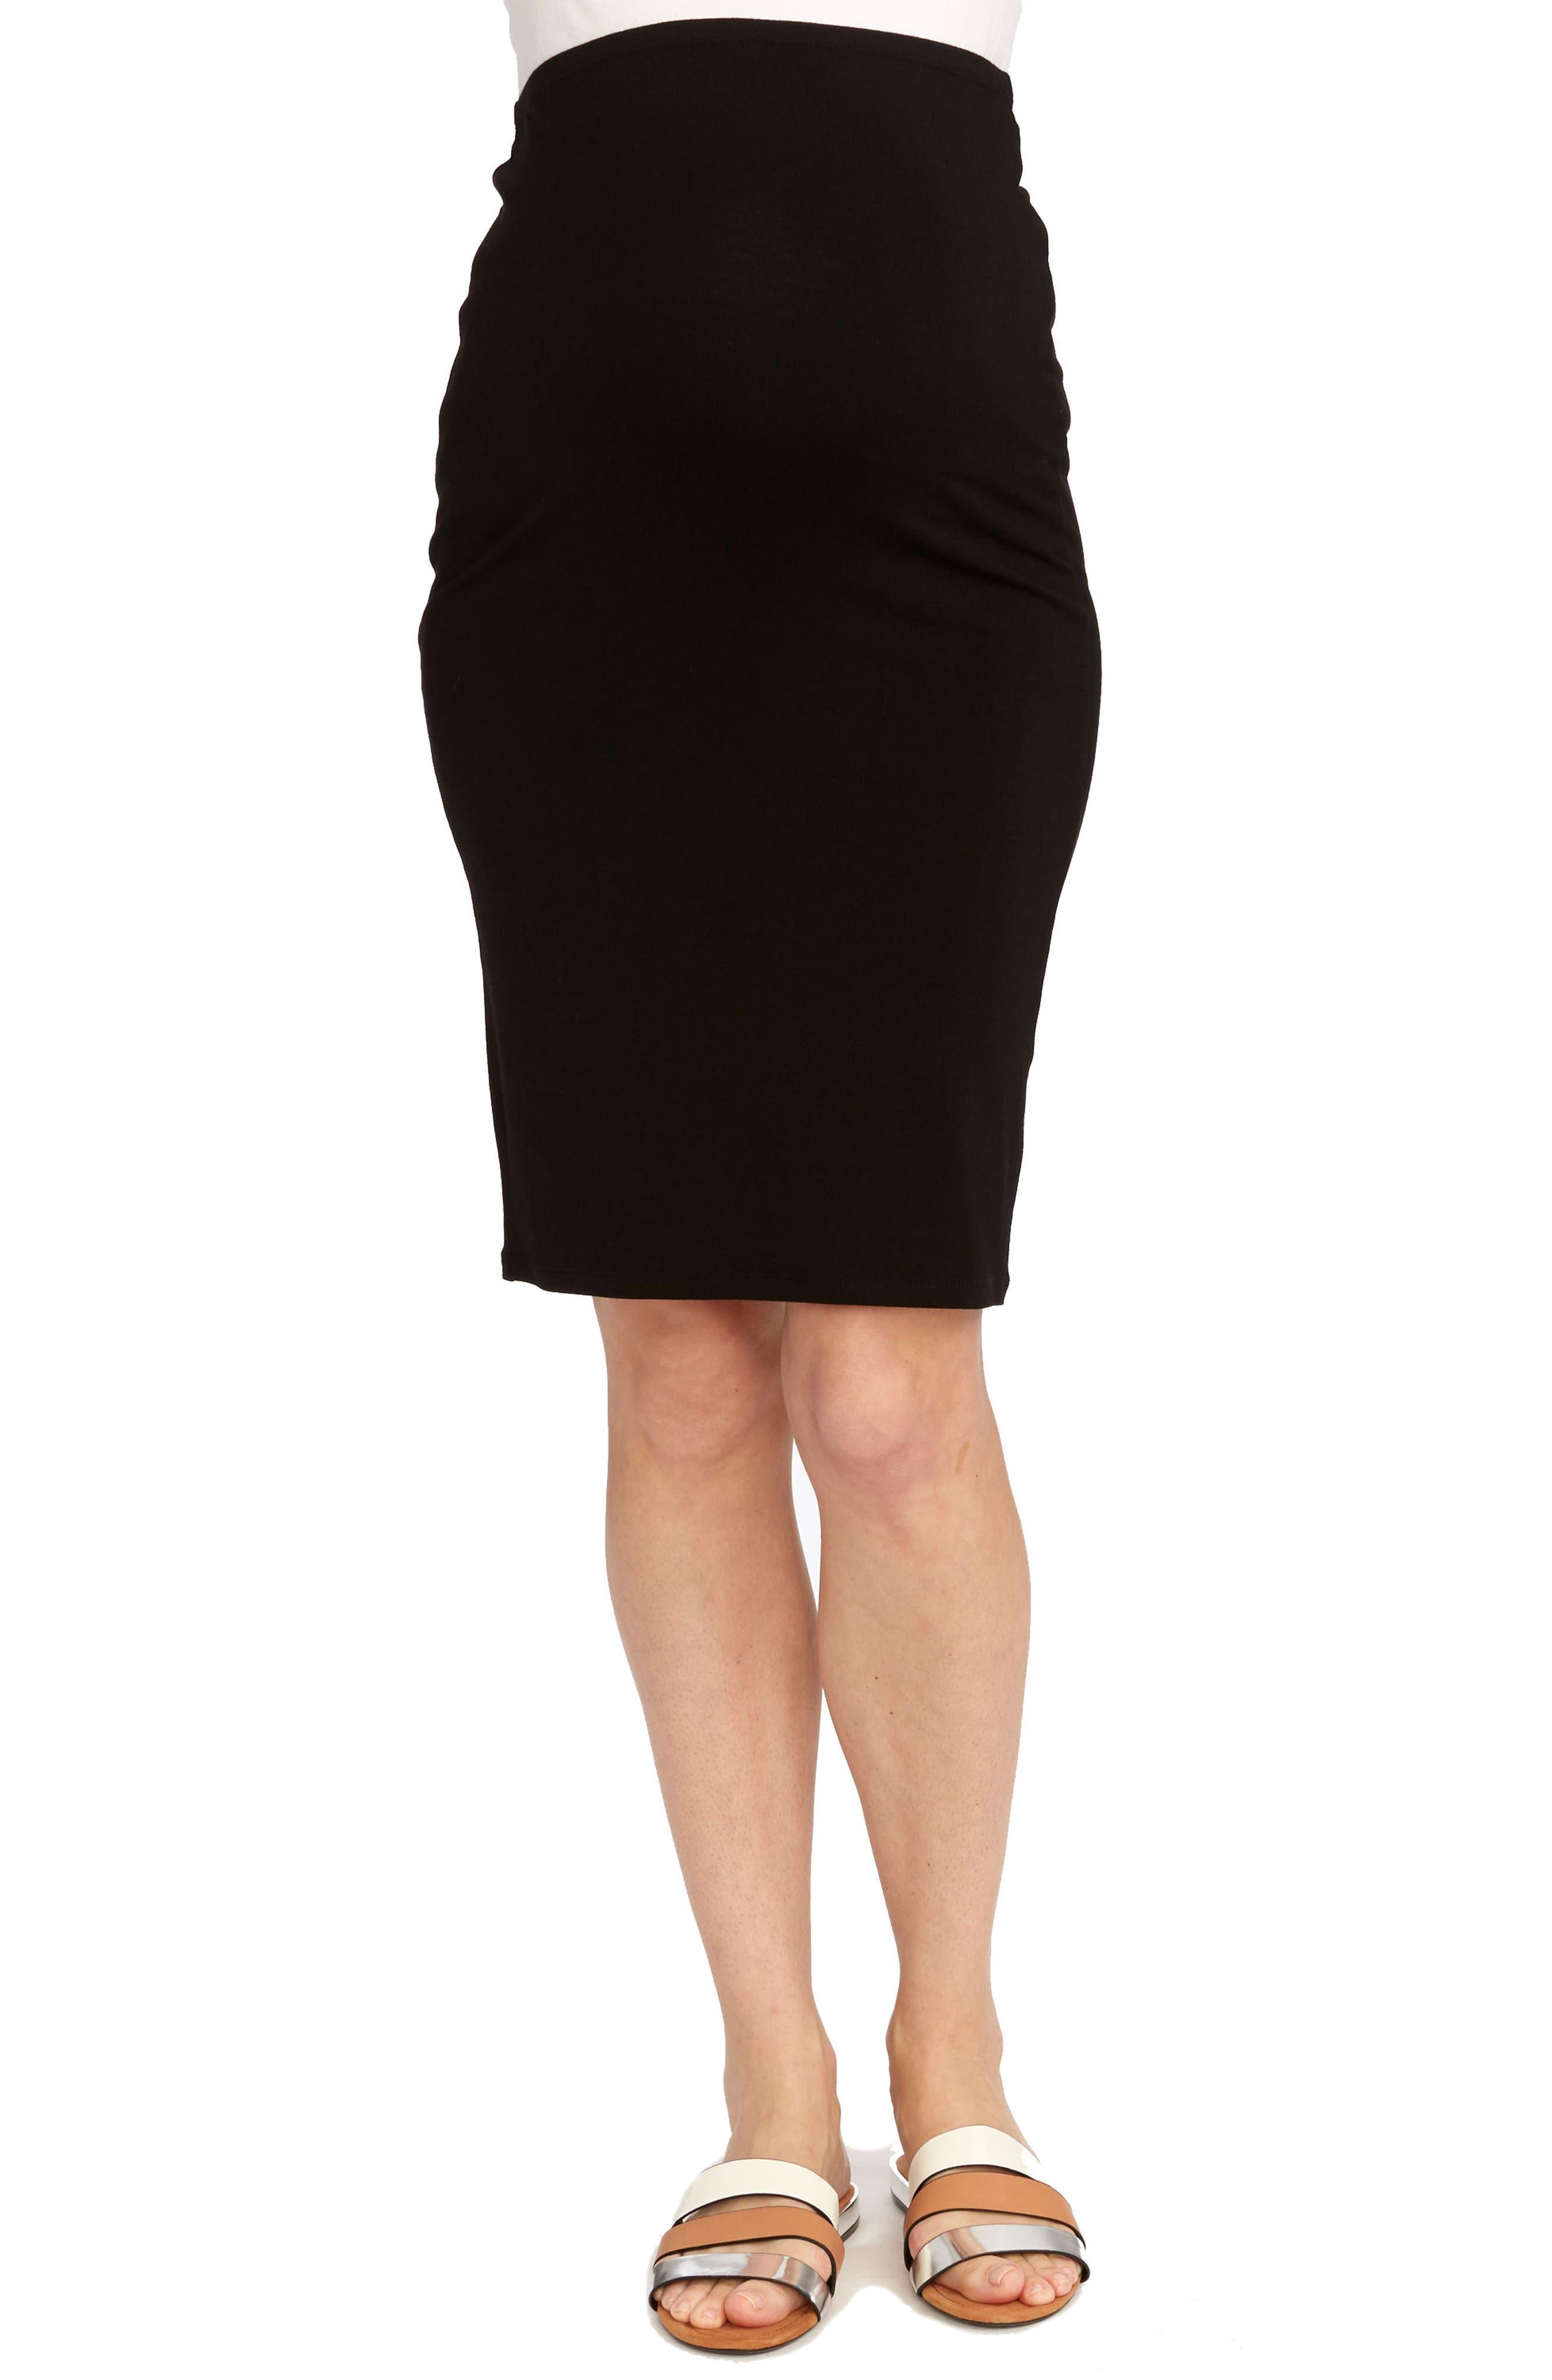 Alternate Image 1 Selected - Rosie Pope Adeline Maternity Skirt